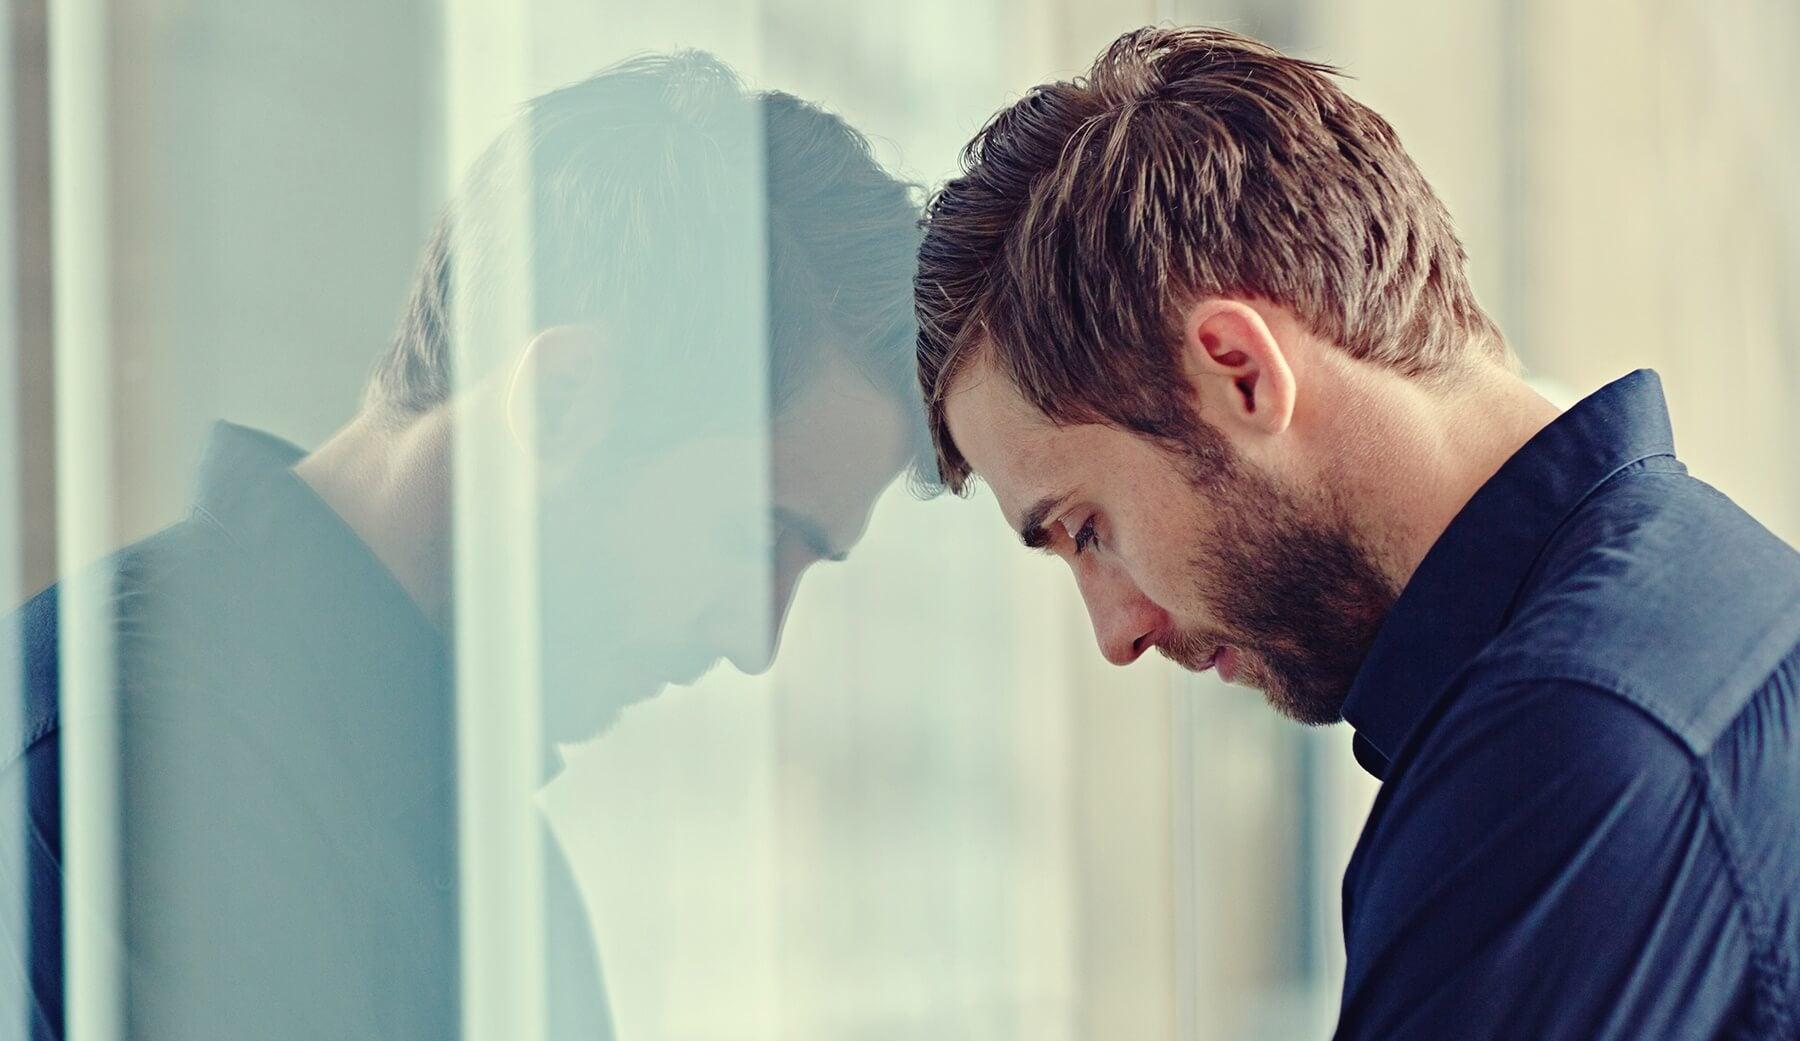 Chico con la cabeza en un cristal simbolizando la relación entre los trastornos de ansiedad y la alta inteligencia